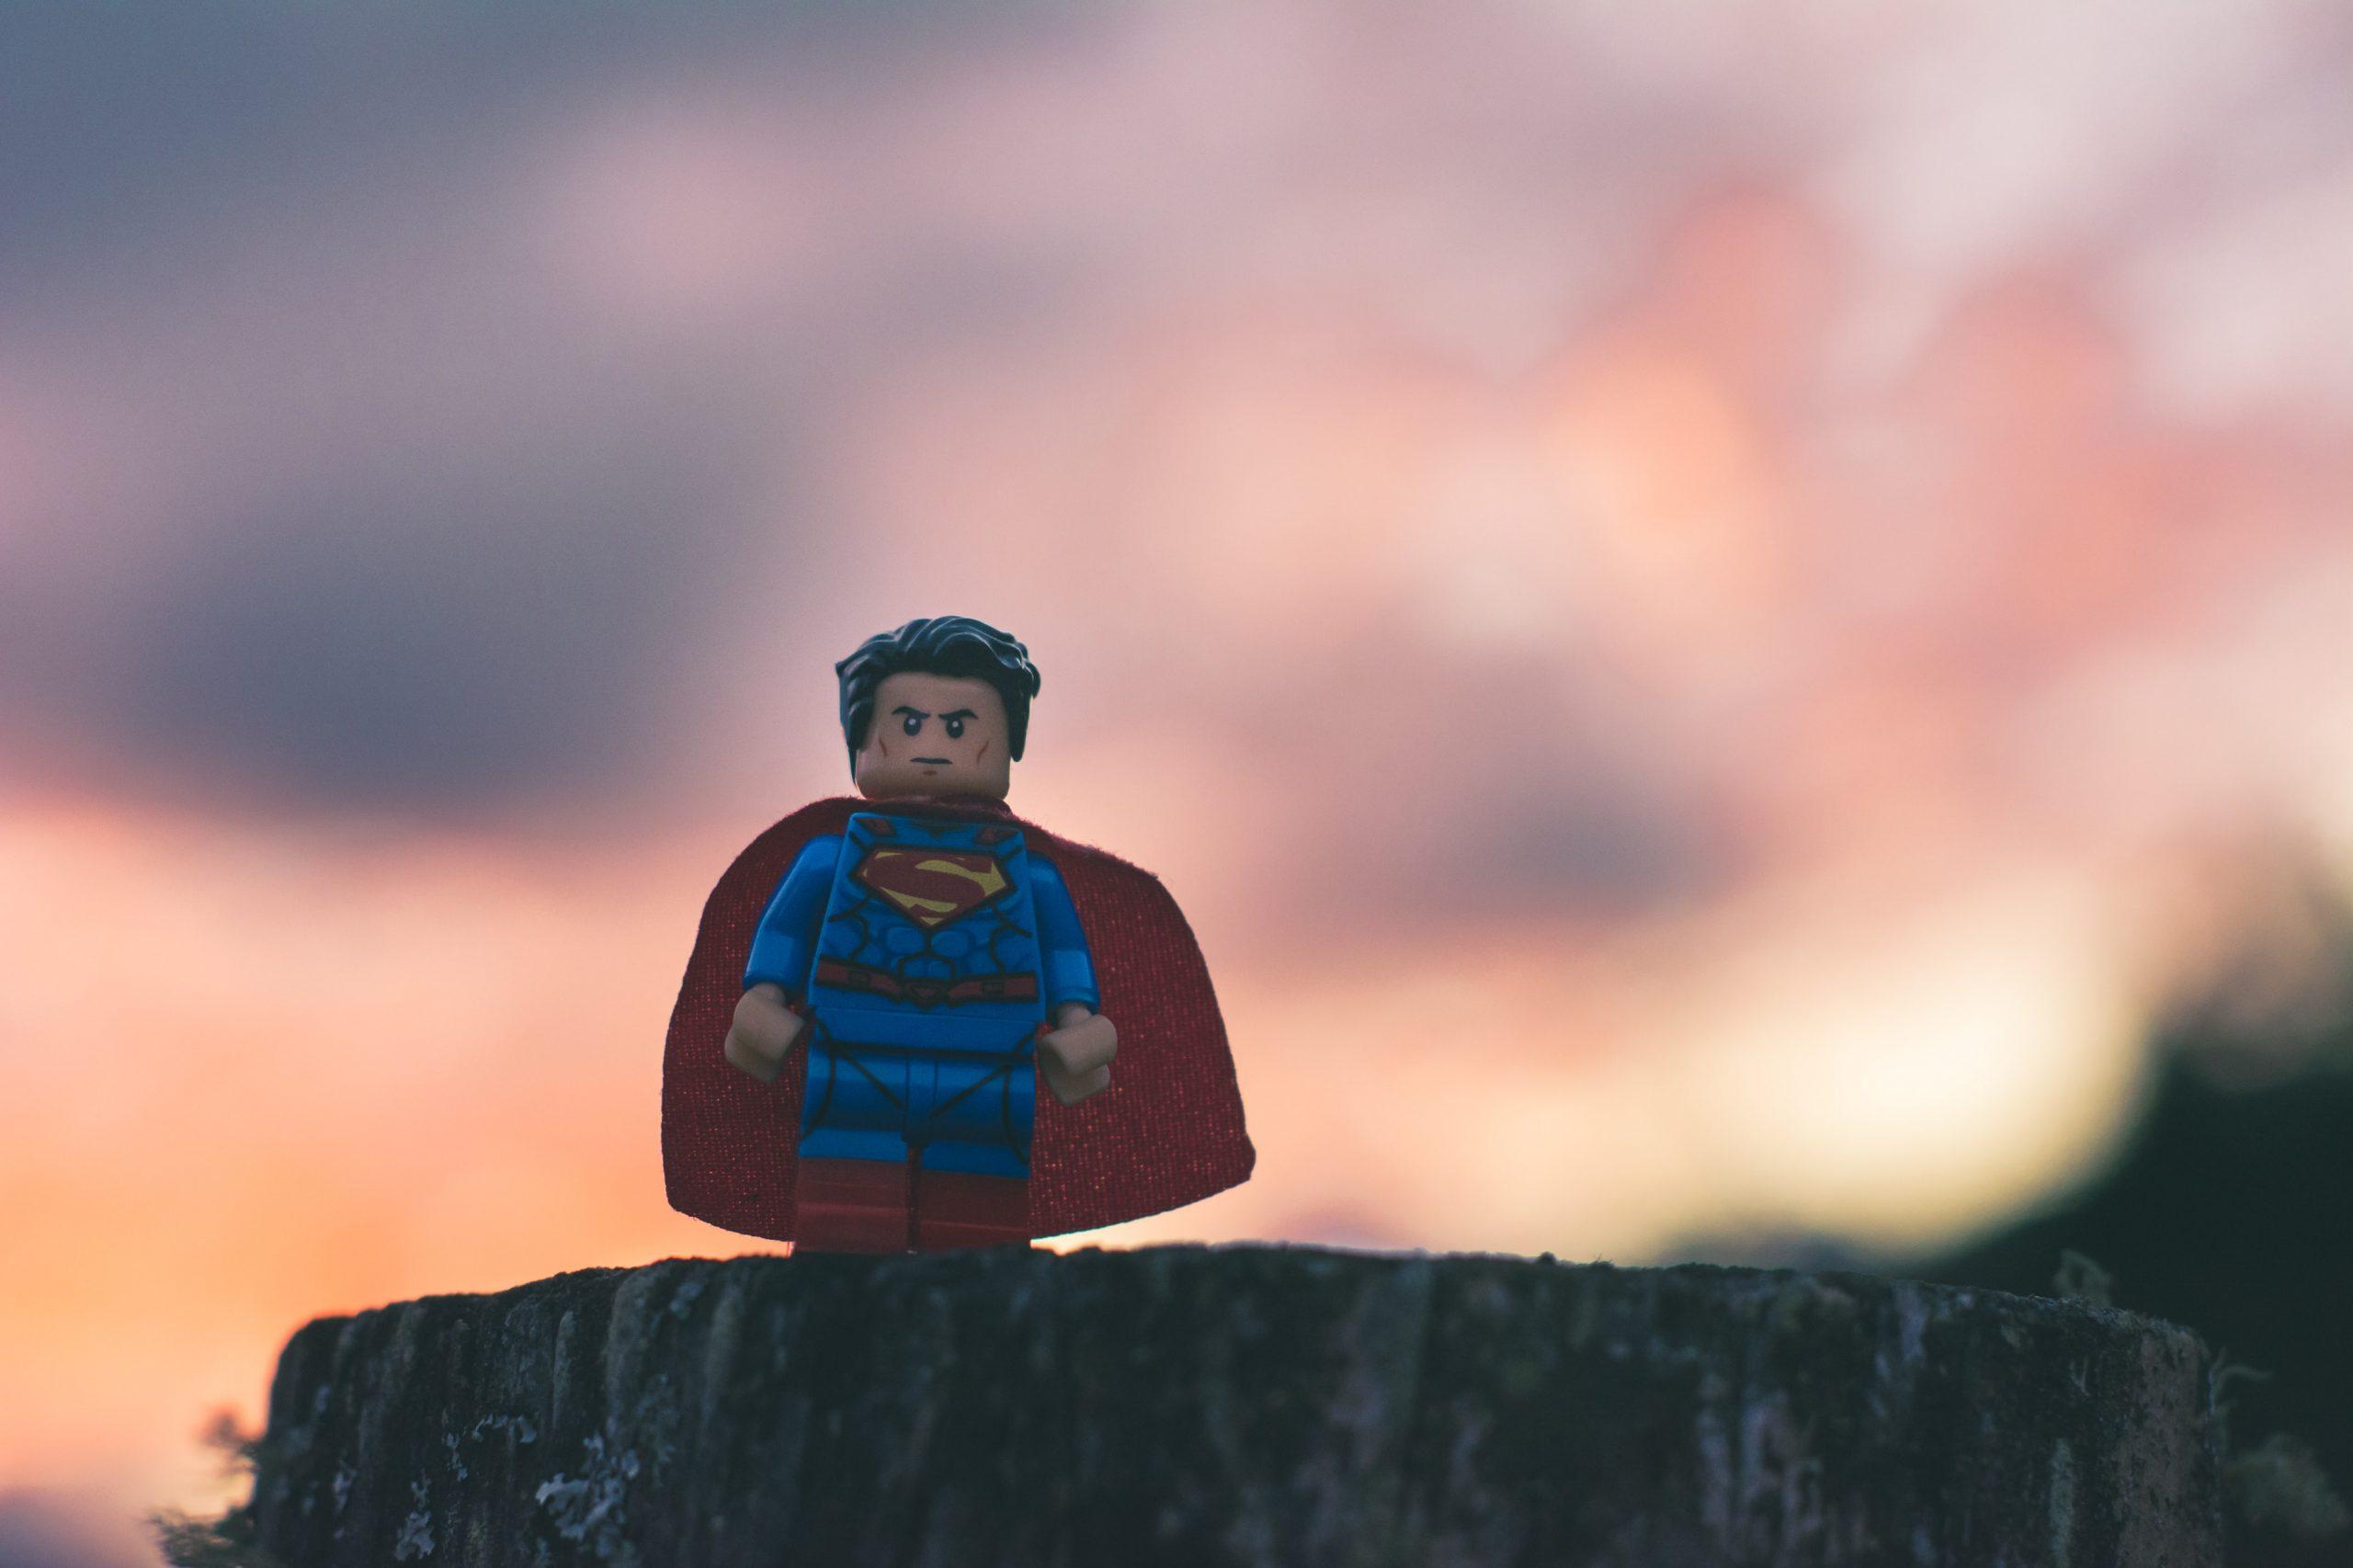 storytelling superhero